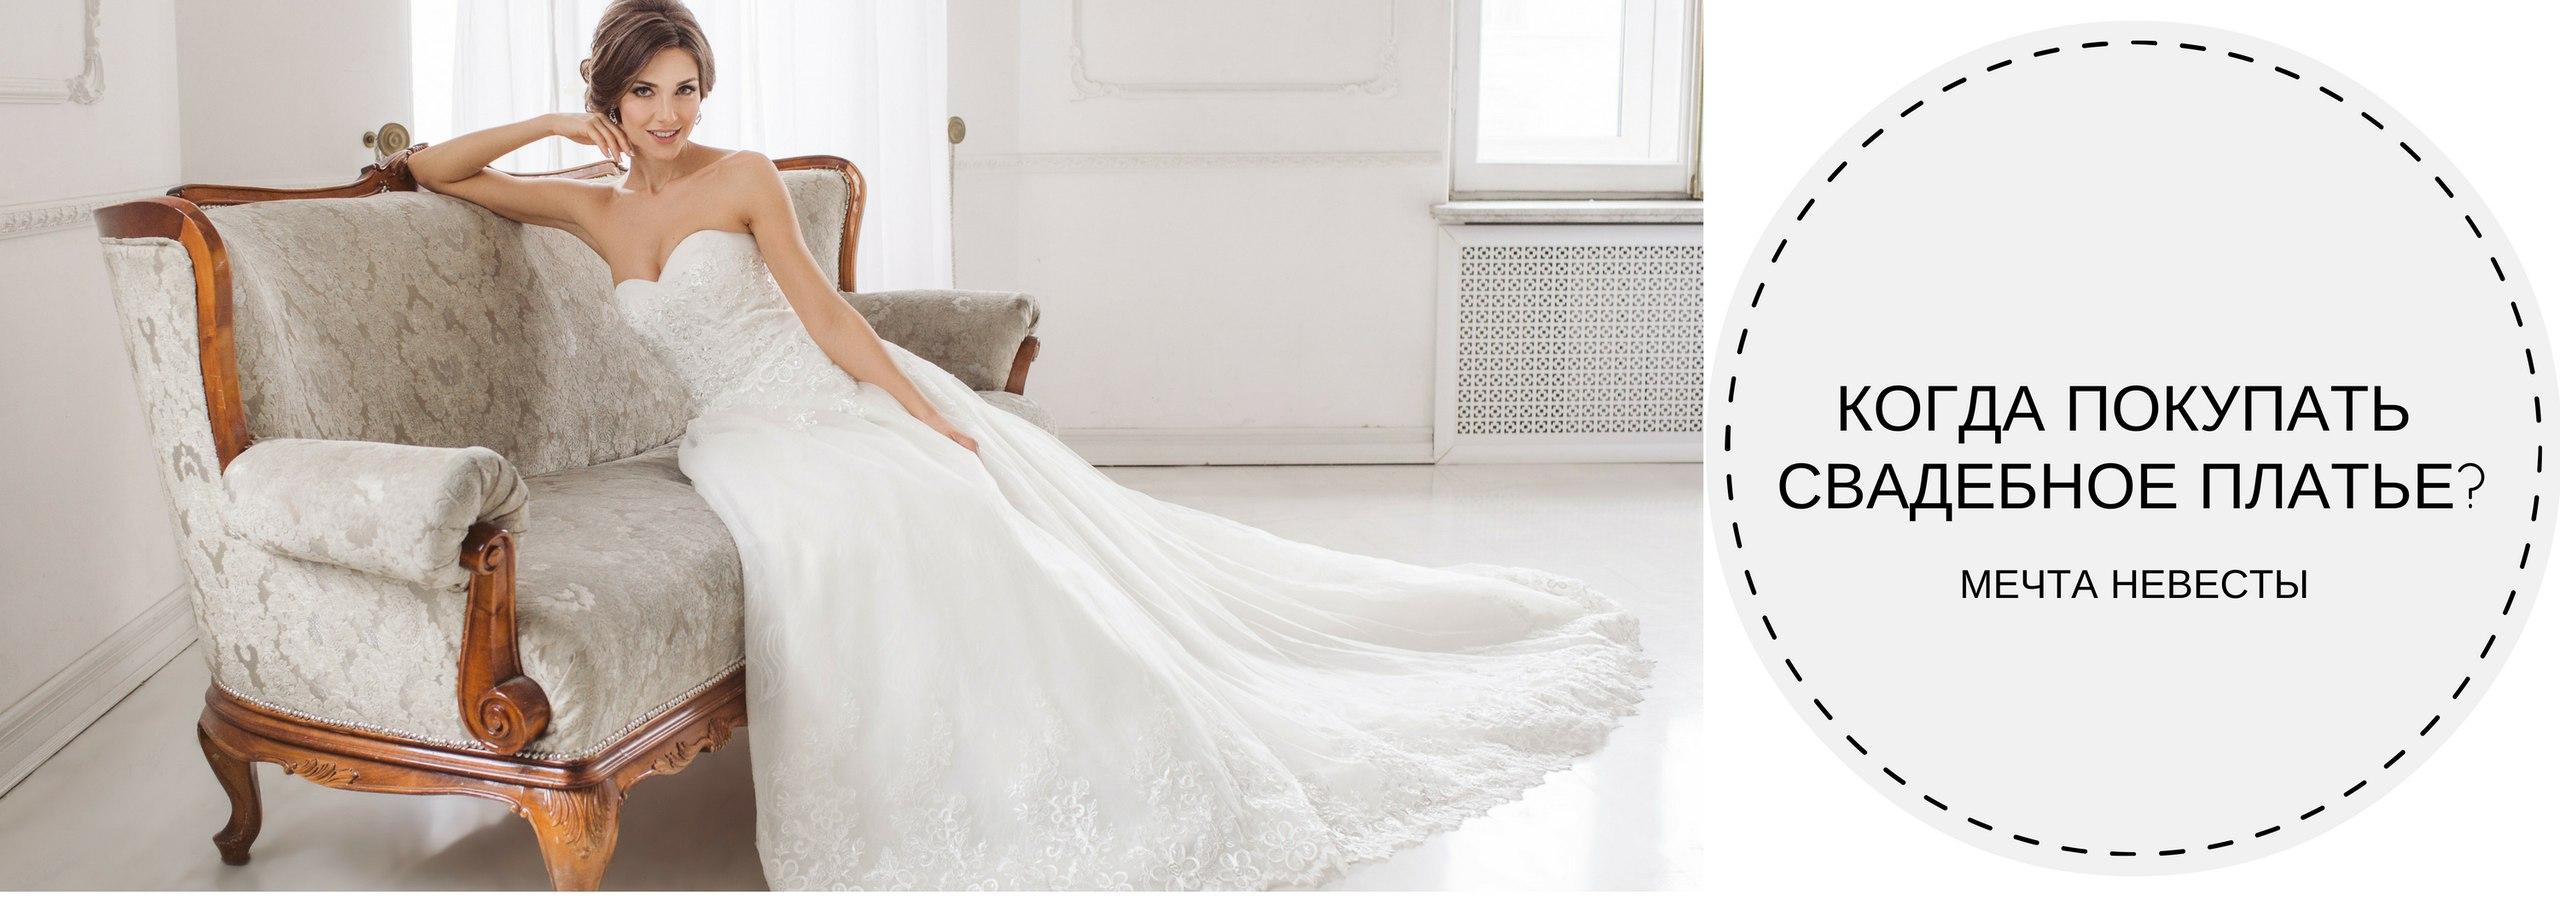 Салоны покупки свадебных платьев